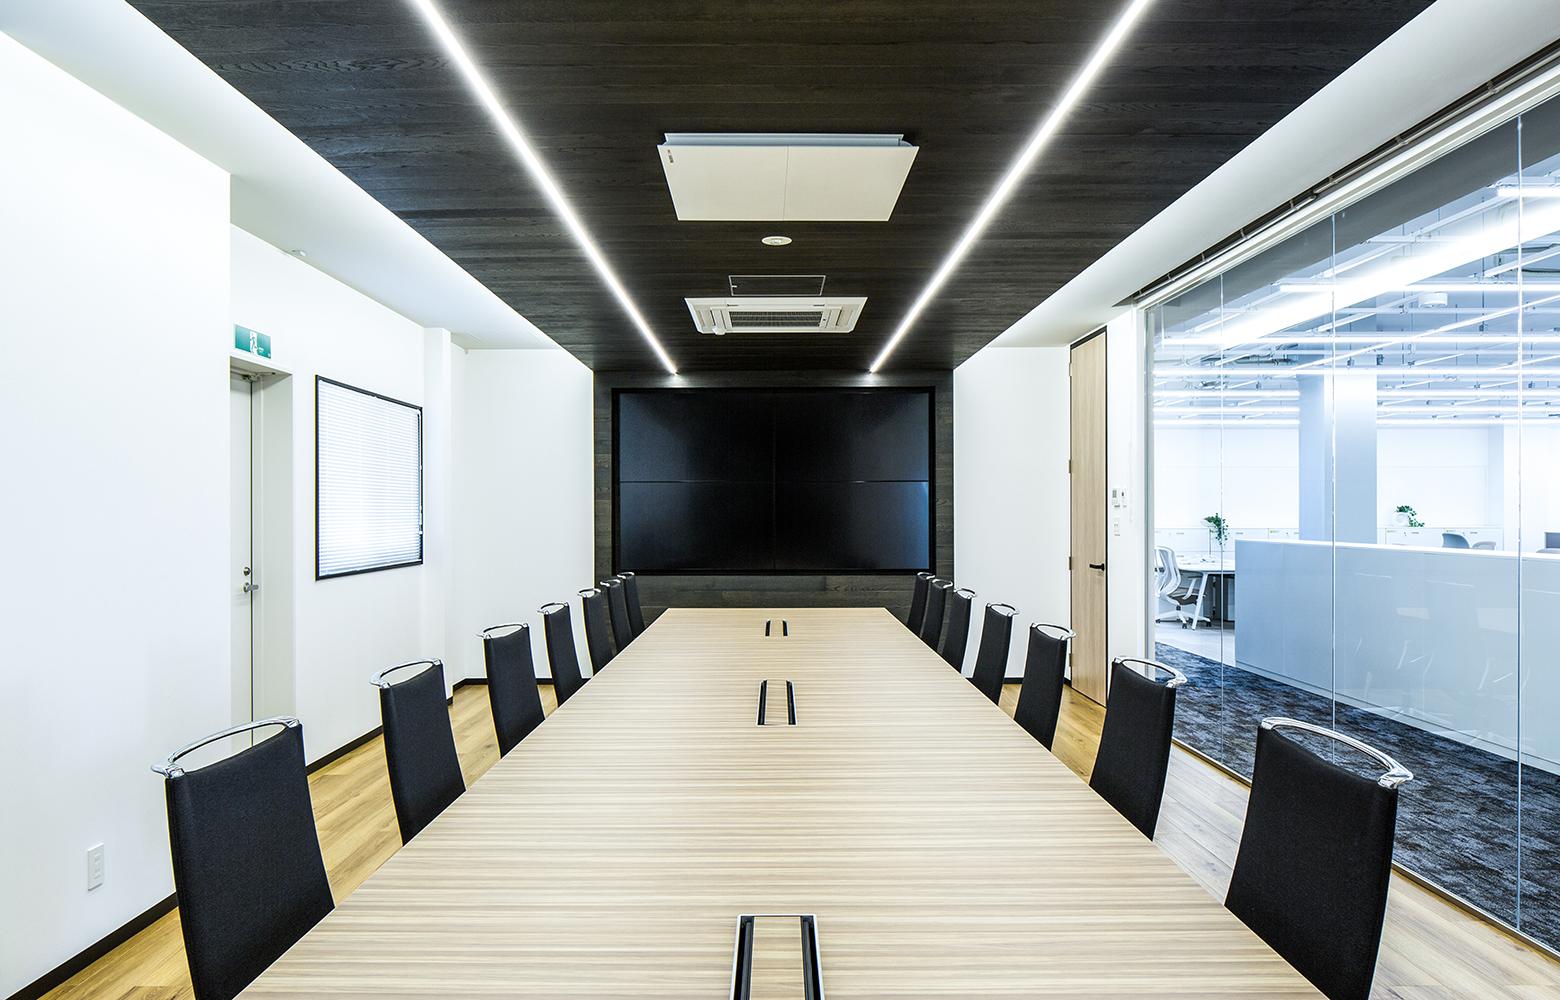 平安セレモニー株式会社 Meeting Room デザイン・レイアウト事例